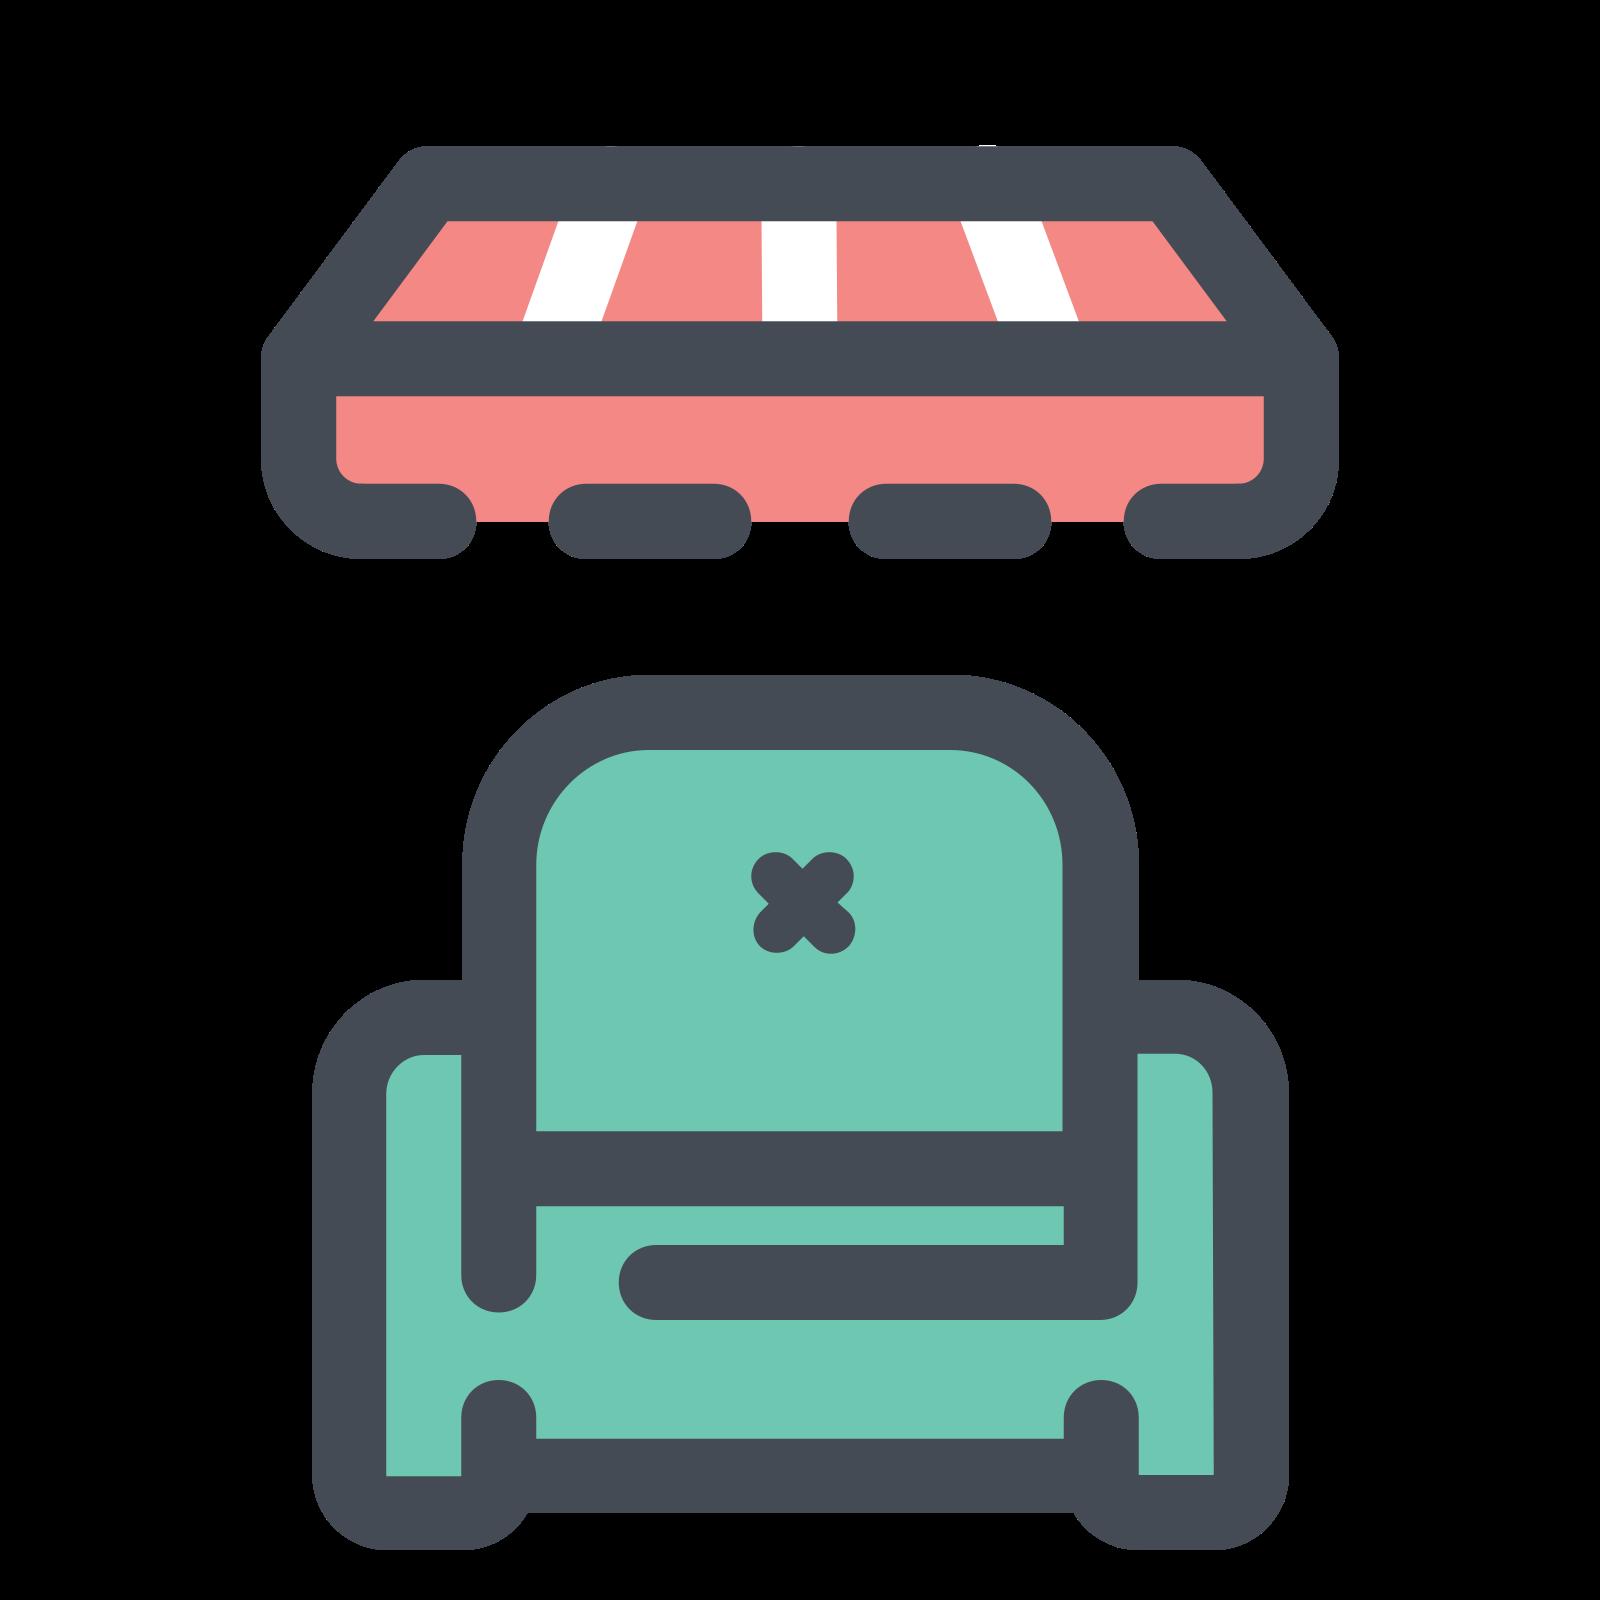 Furniture Store icon